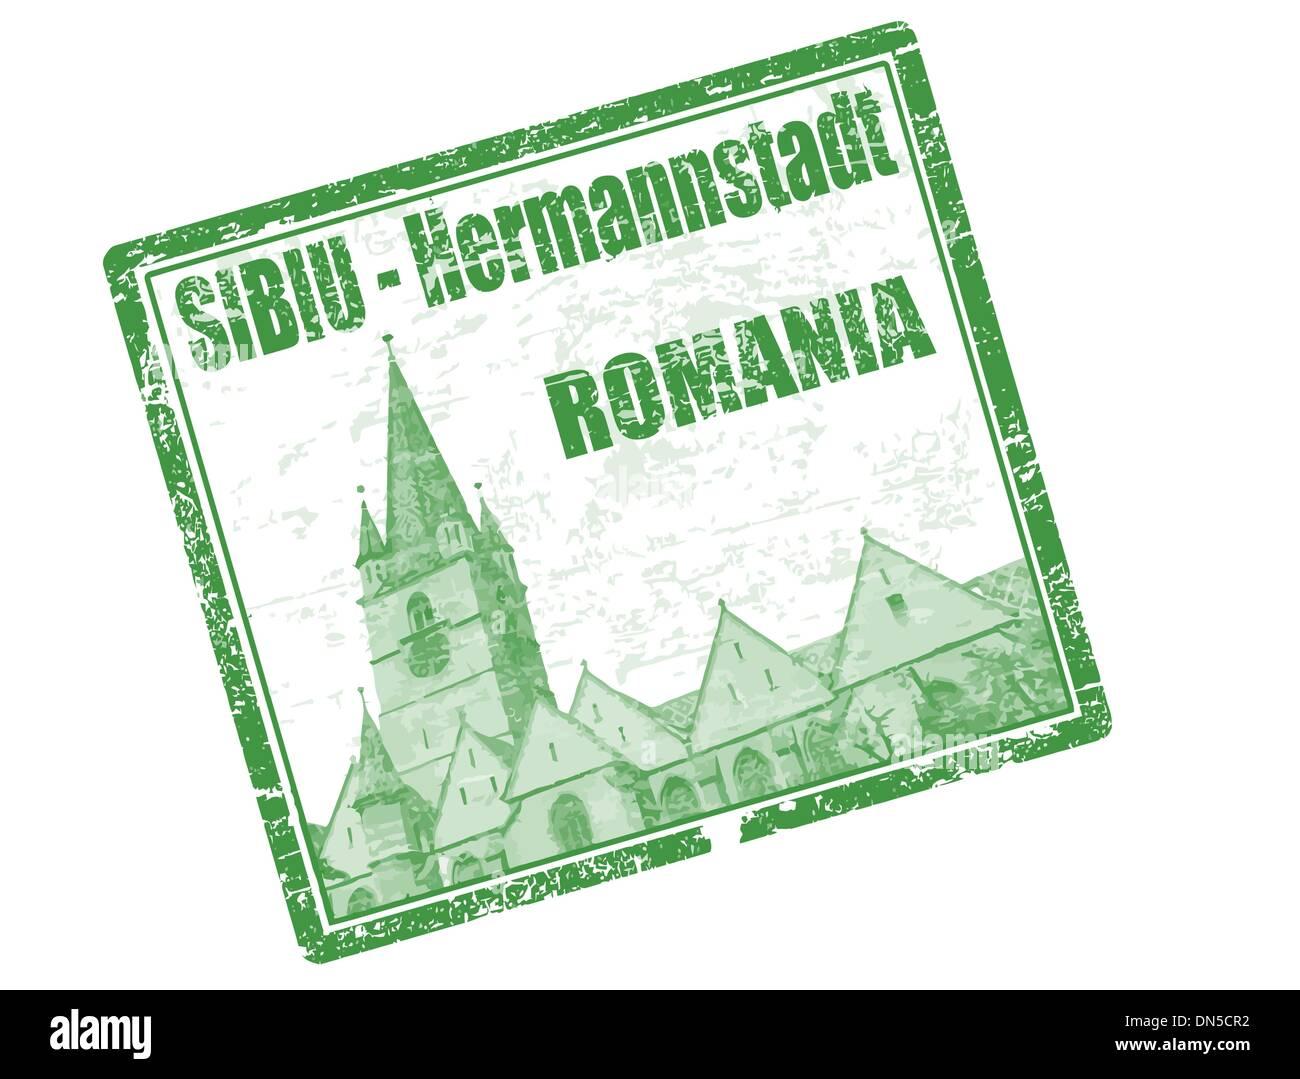 Sibiu - Romania stamp - Stock Image